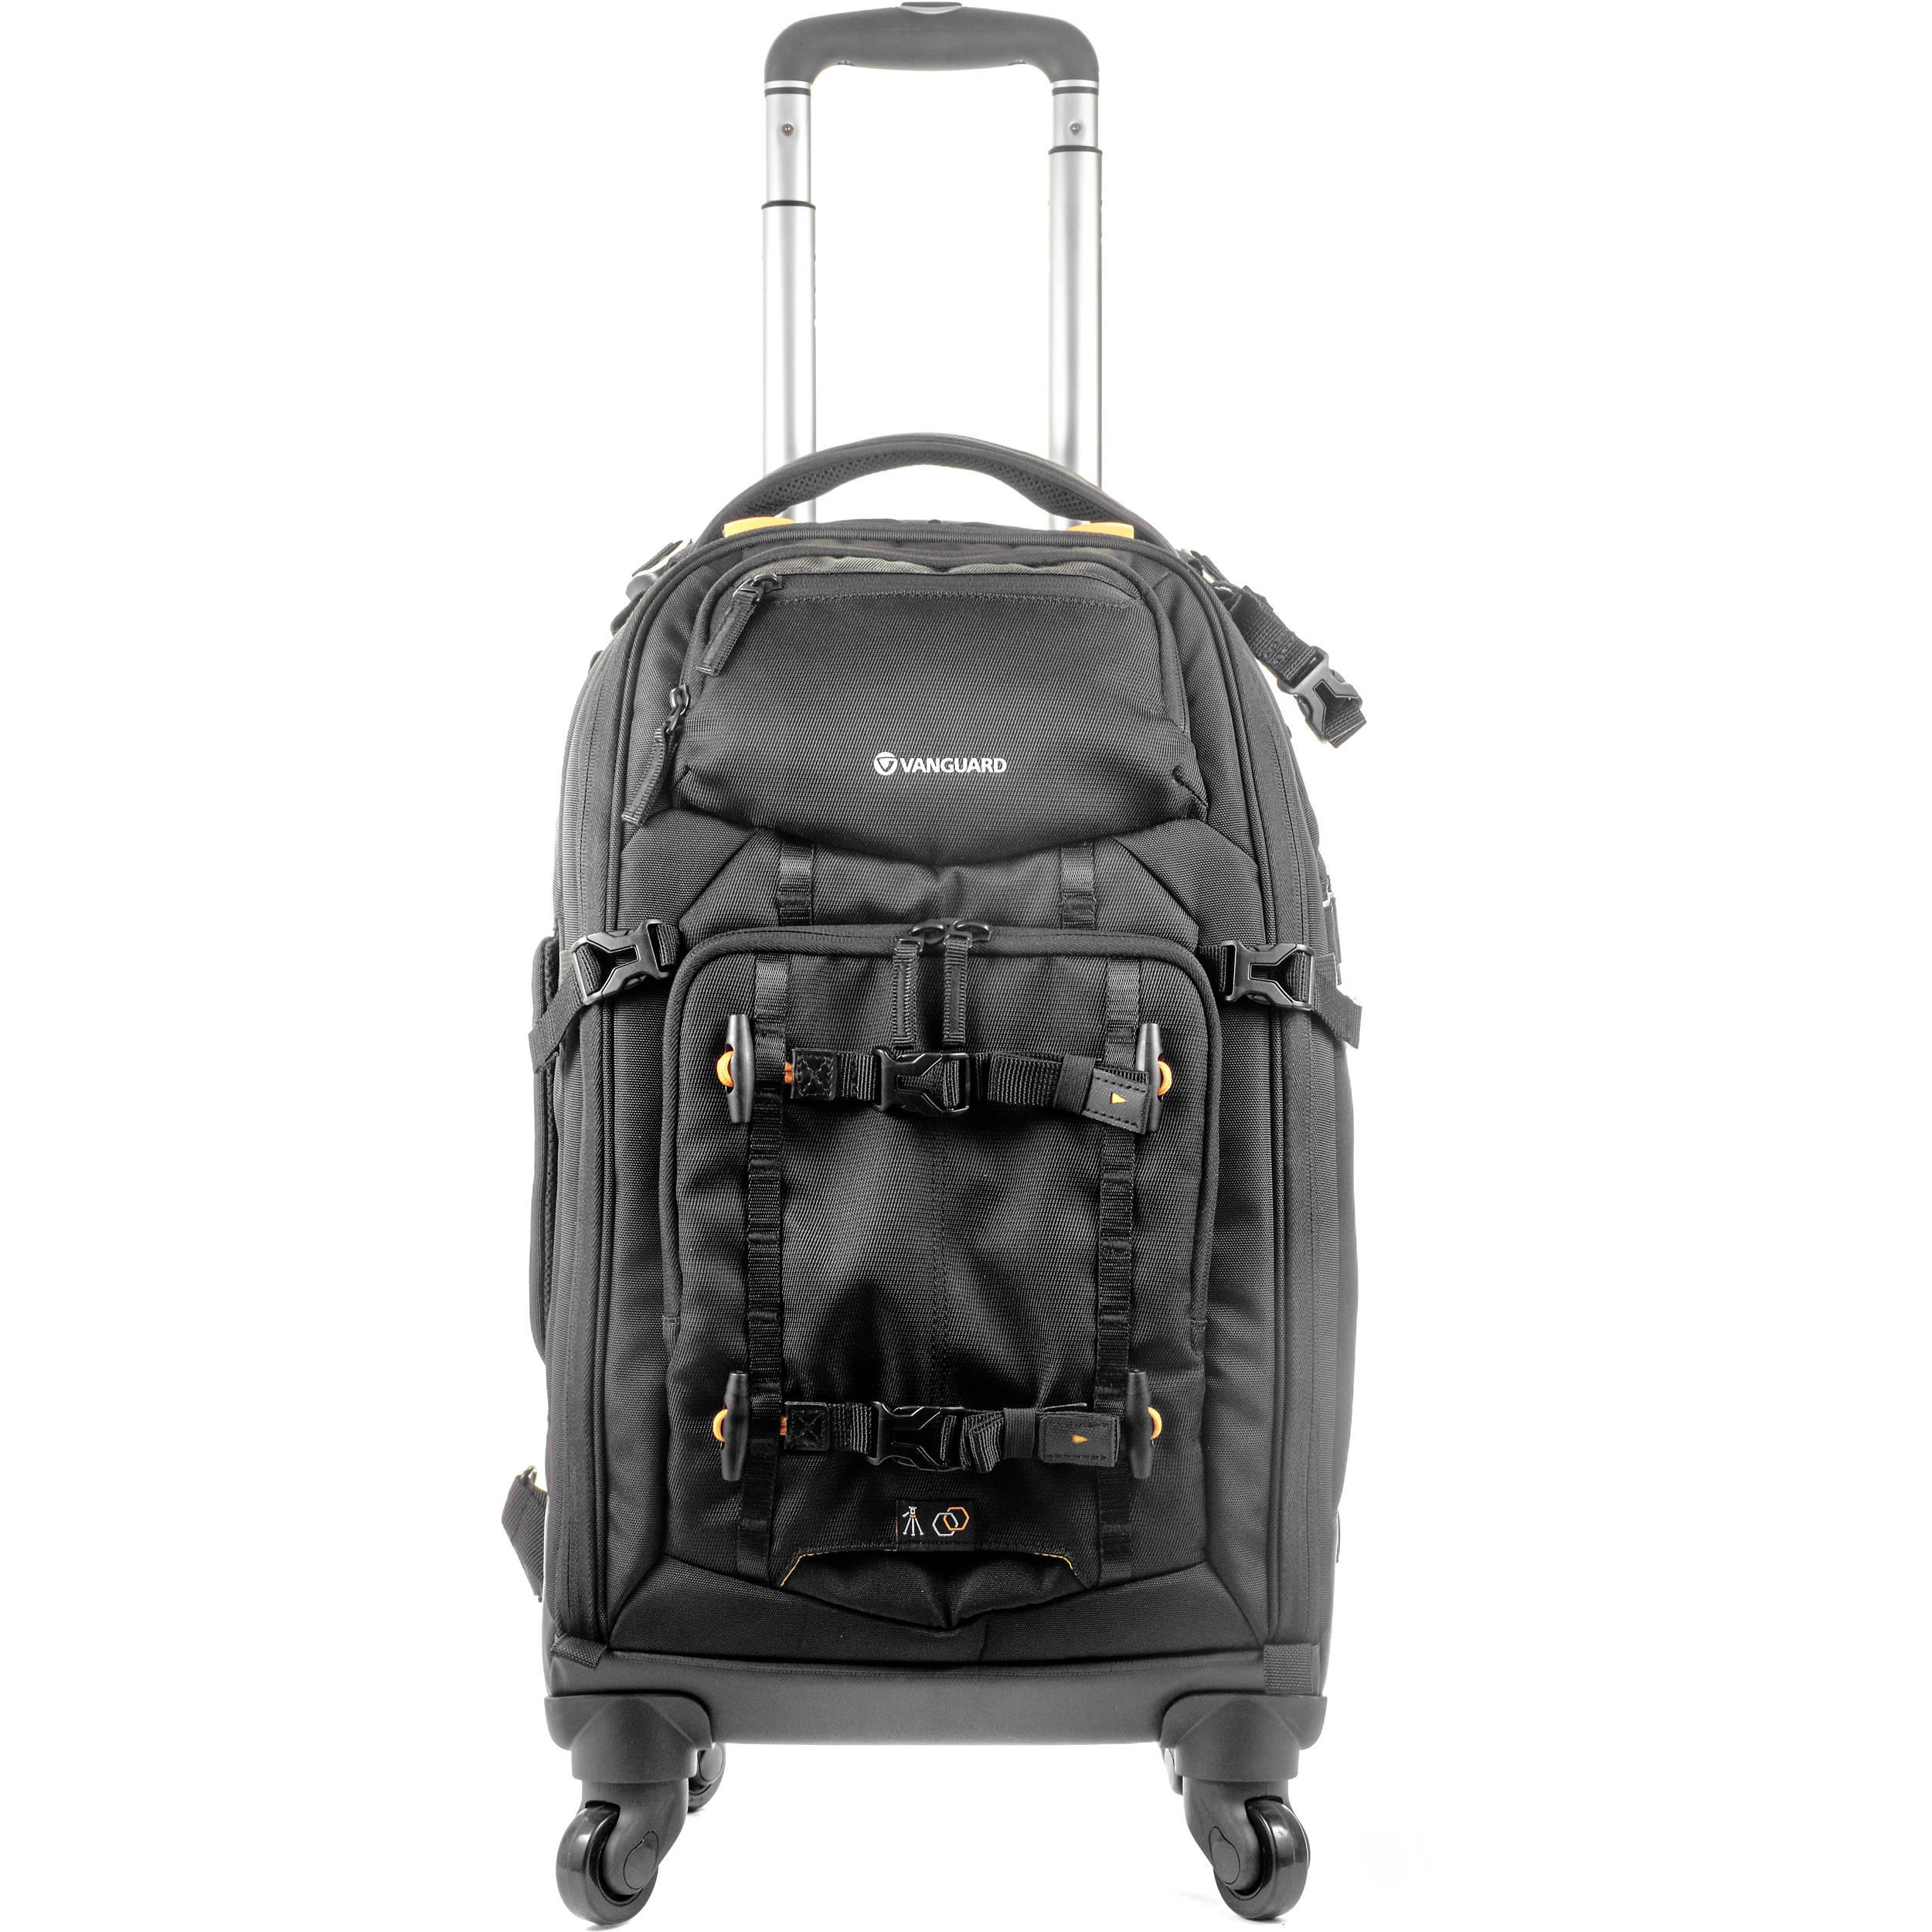 Vanguard Alta Fly 58t Roller Bag Black